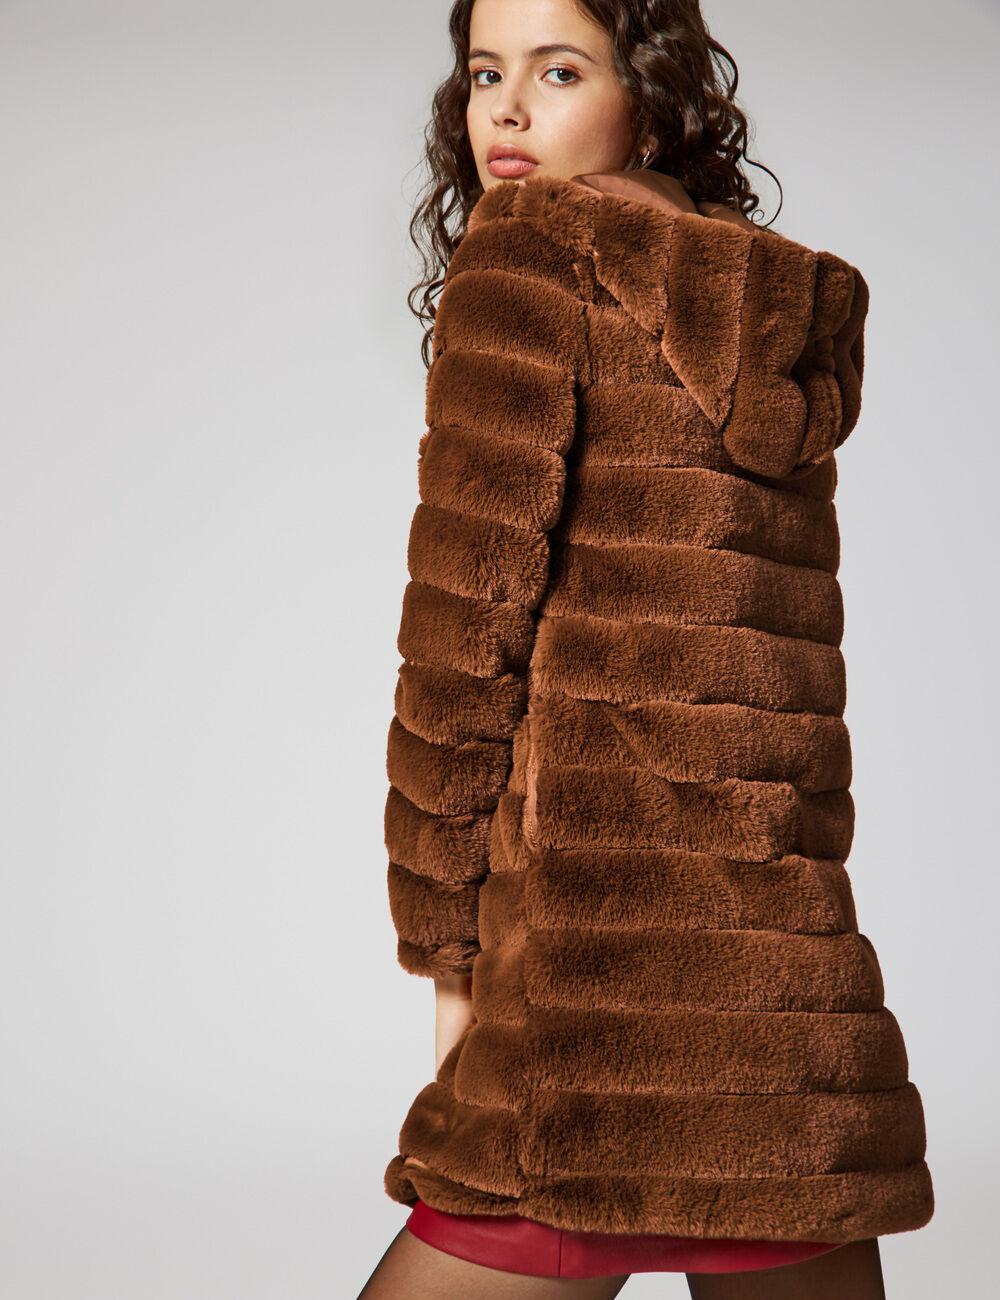 60 Manteau Veste Femme Soldes Jusqu'à amp; Xnx1XHY